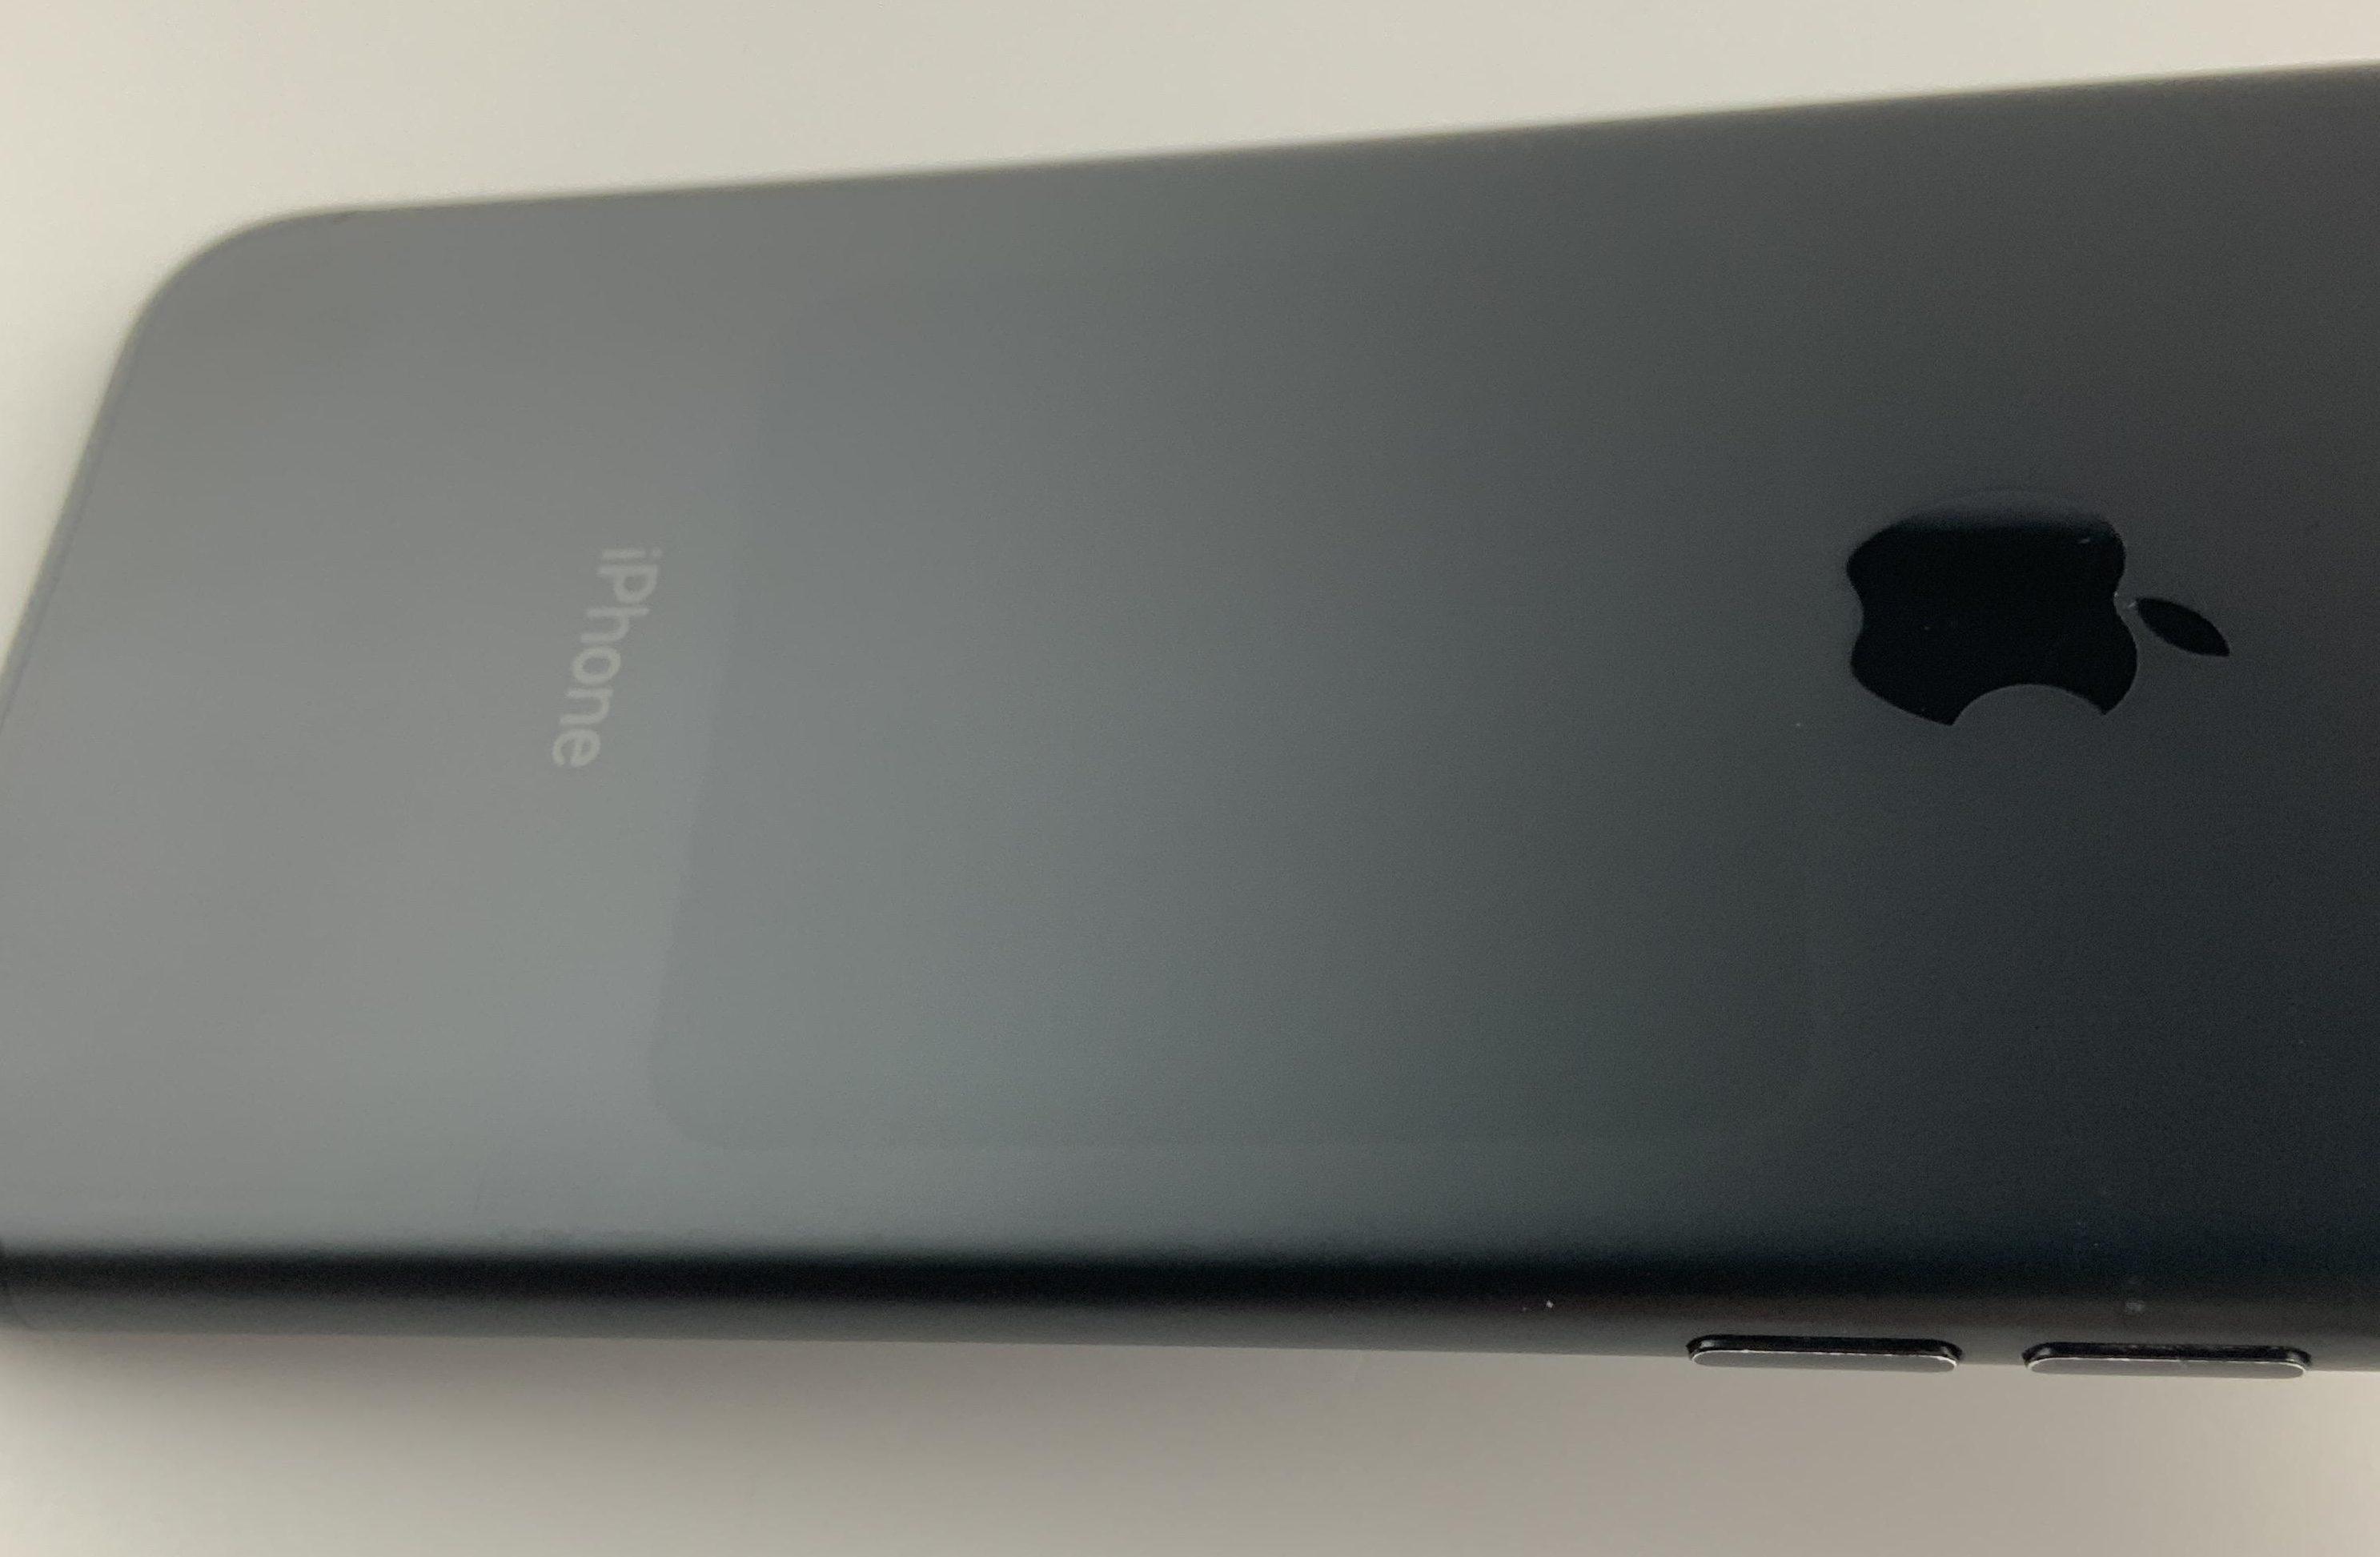 iPhone 7 32GB, 32GB, Black, image 3